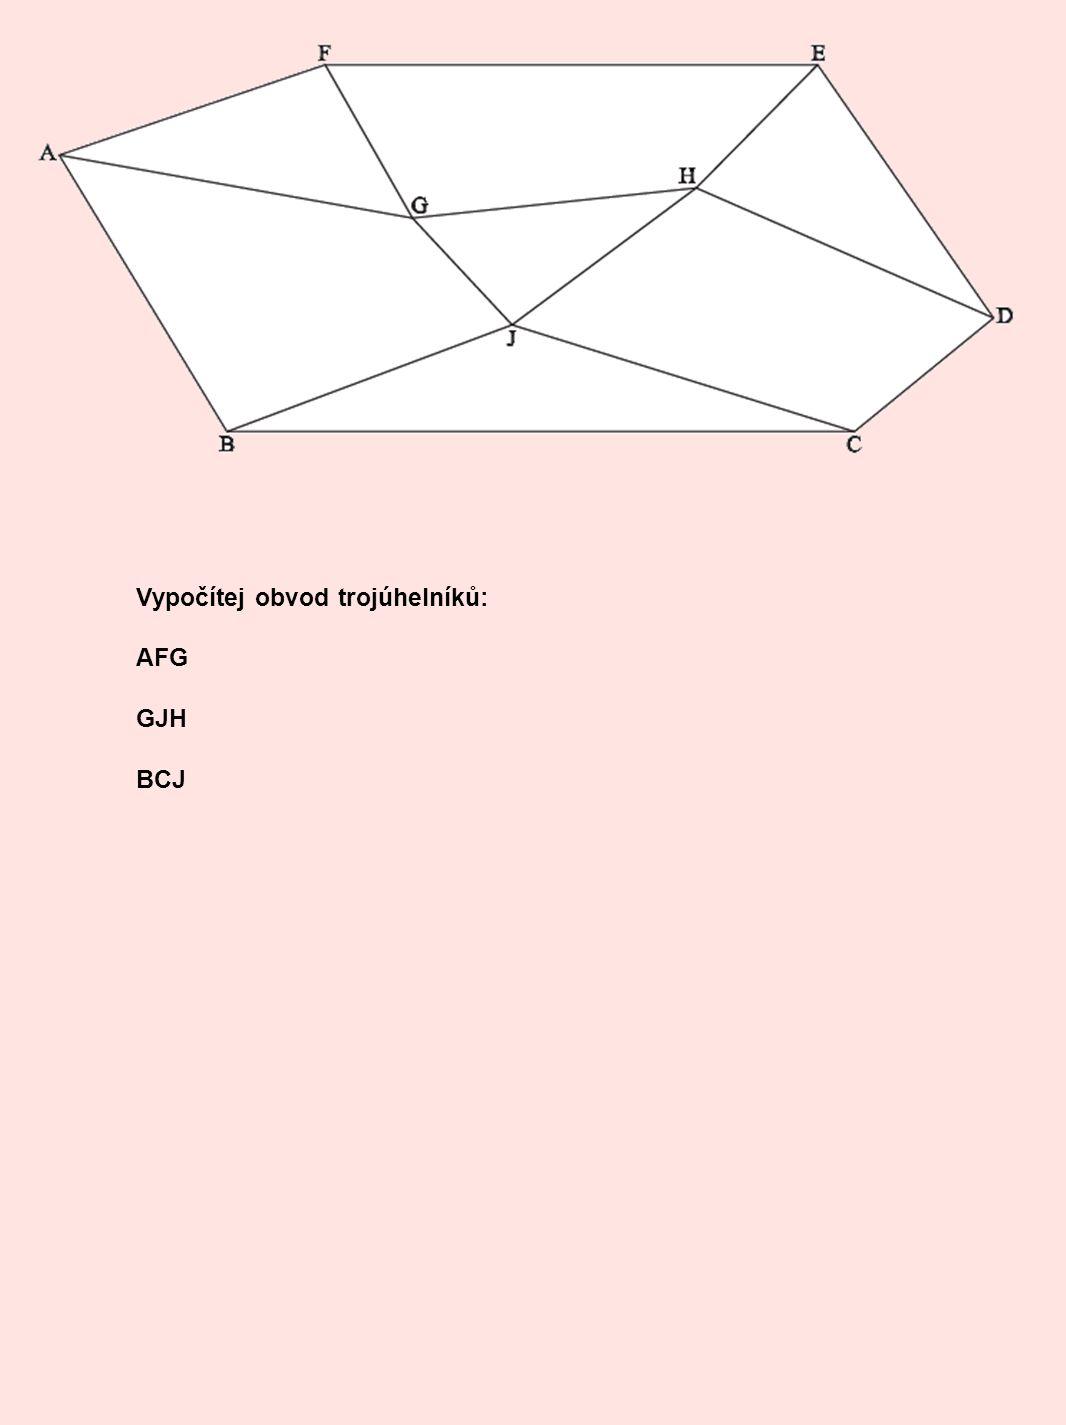 Vypočítej obvod trojúhelníků: